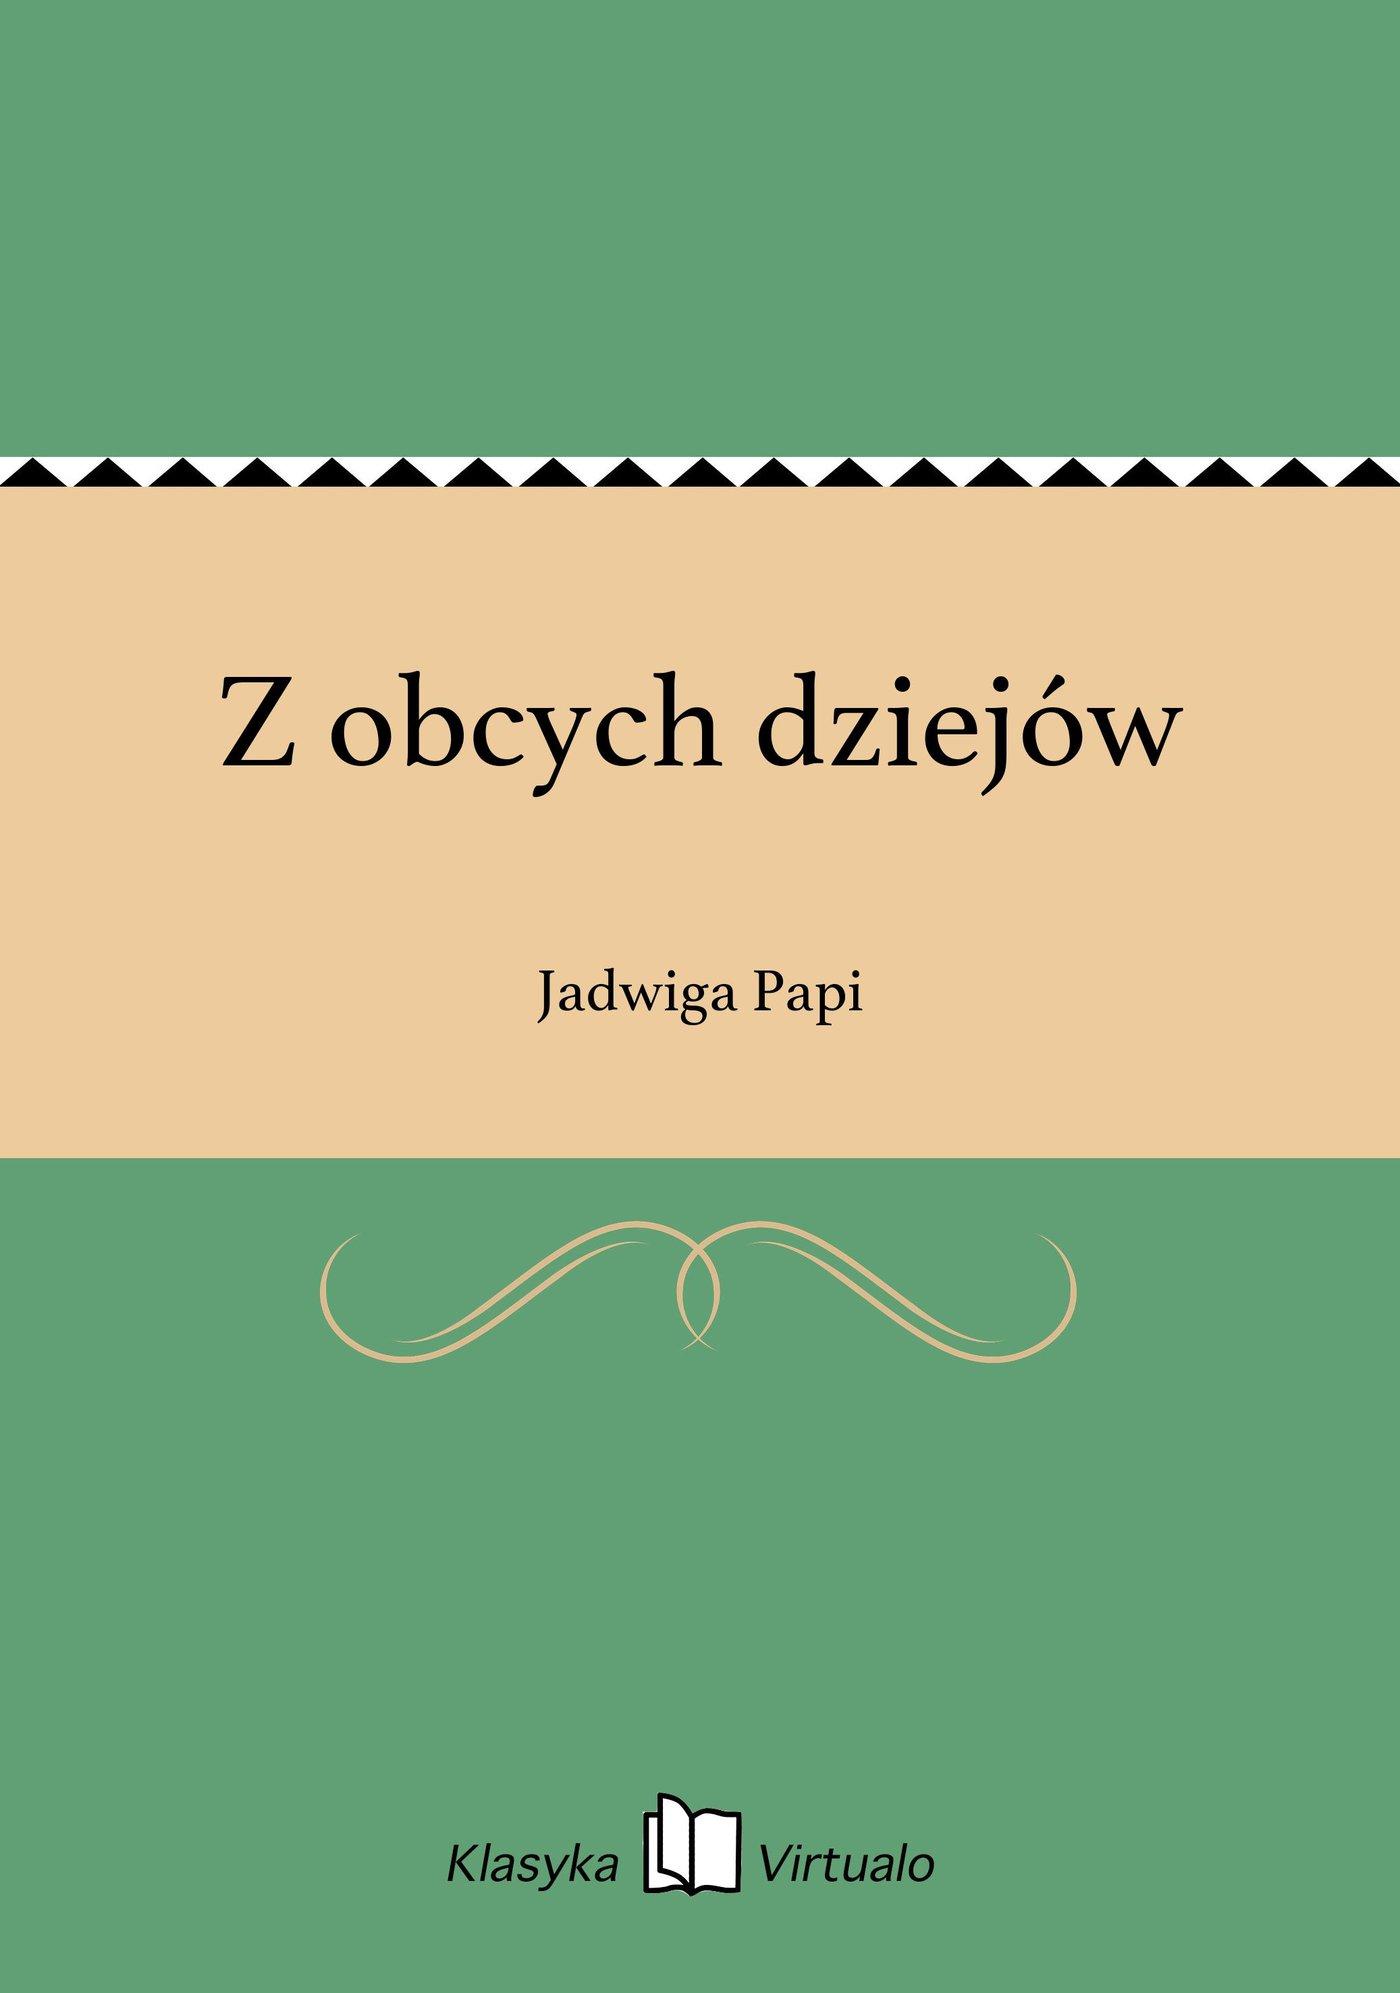 Z obcych dziejów - Ebook (Książka EPUB) do pobrania w formacie EPUB